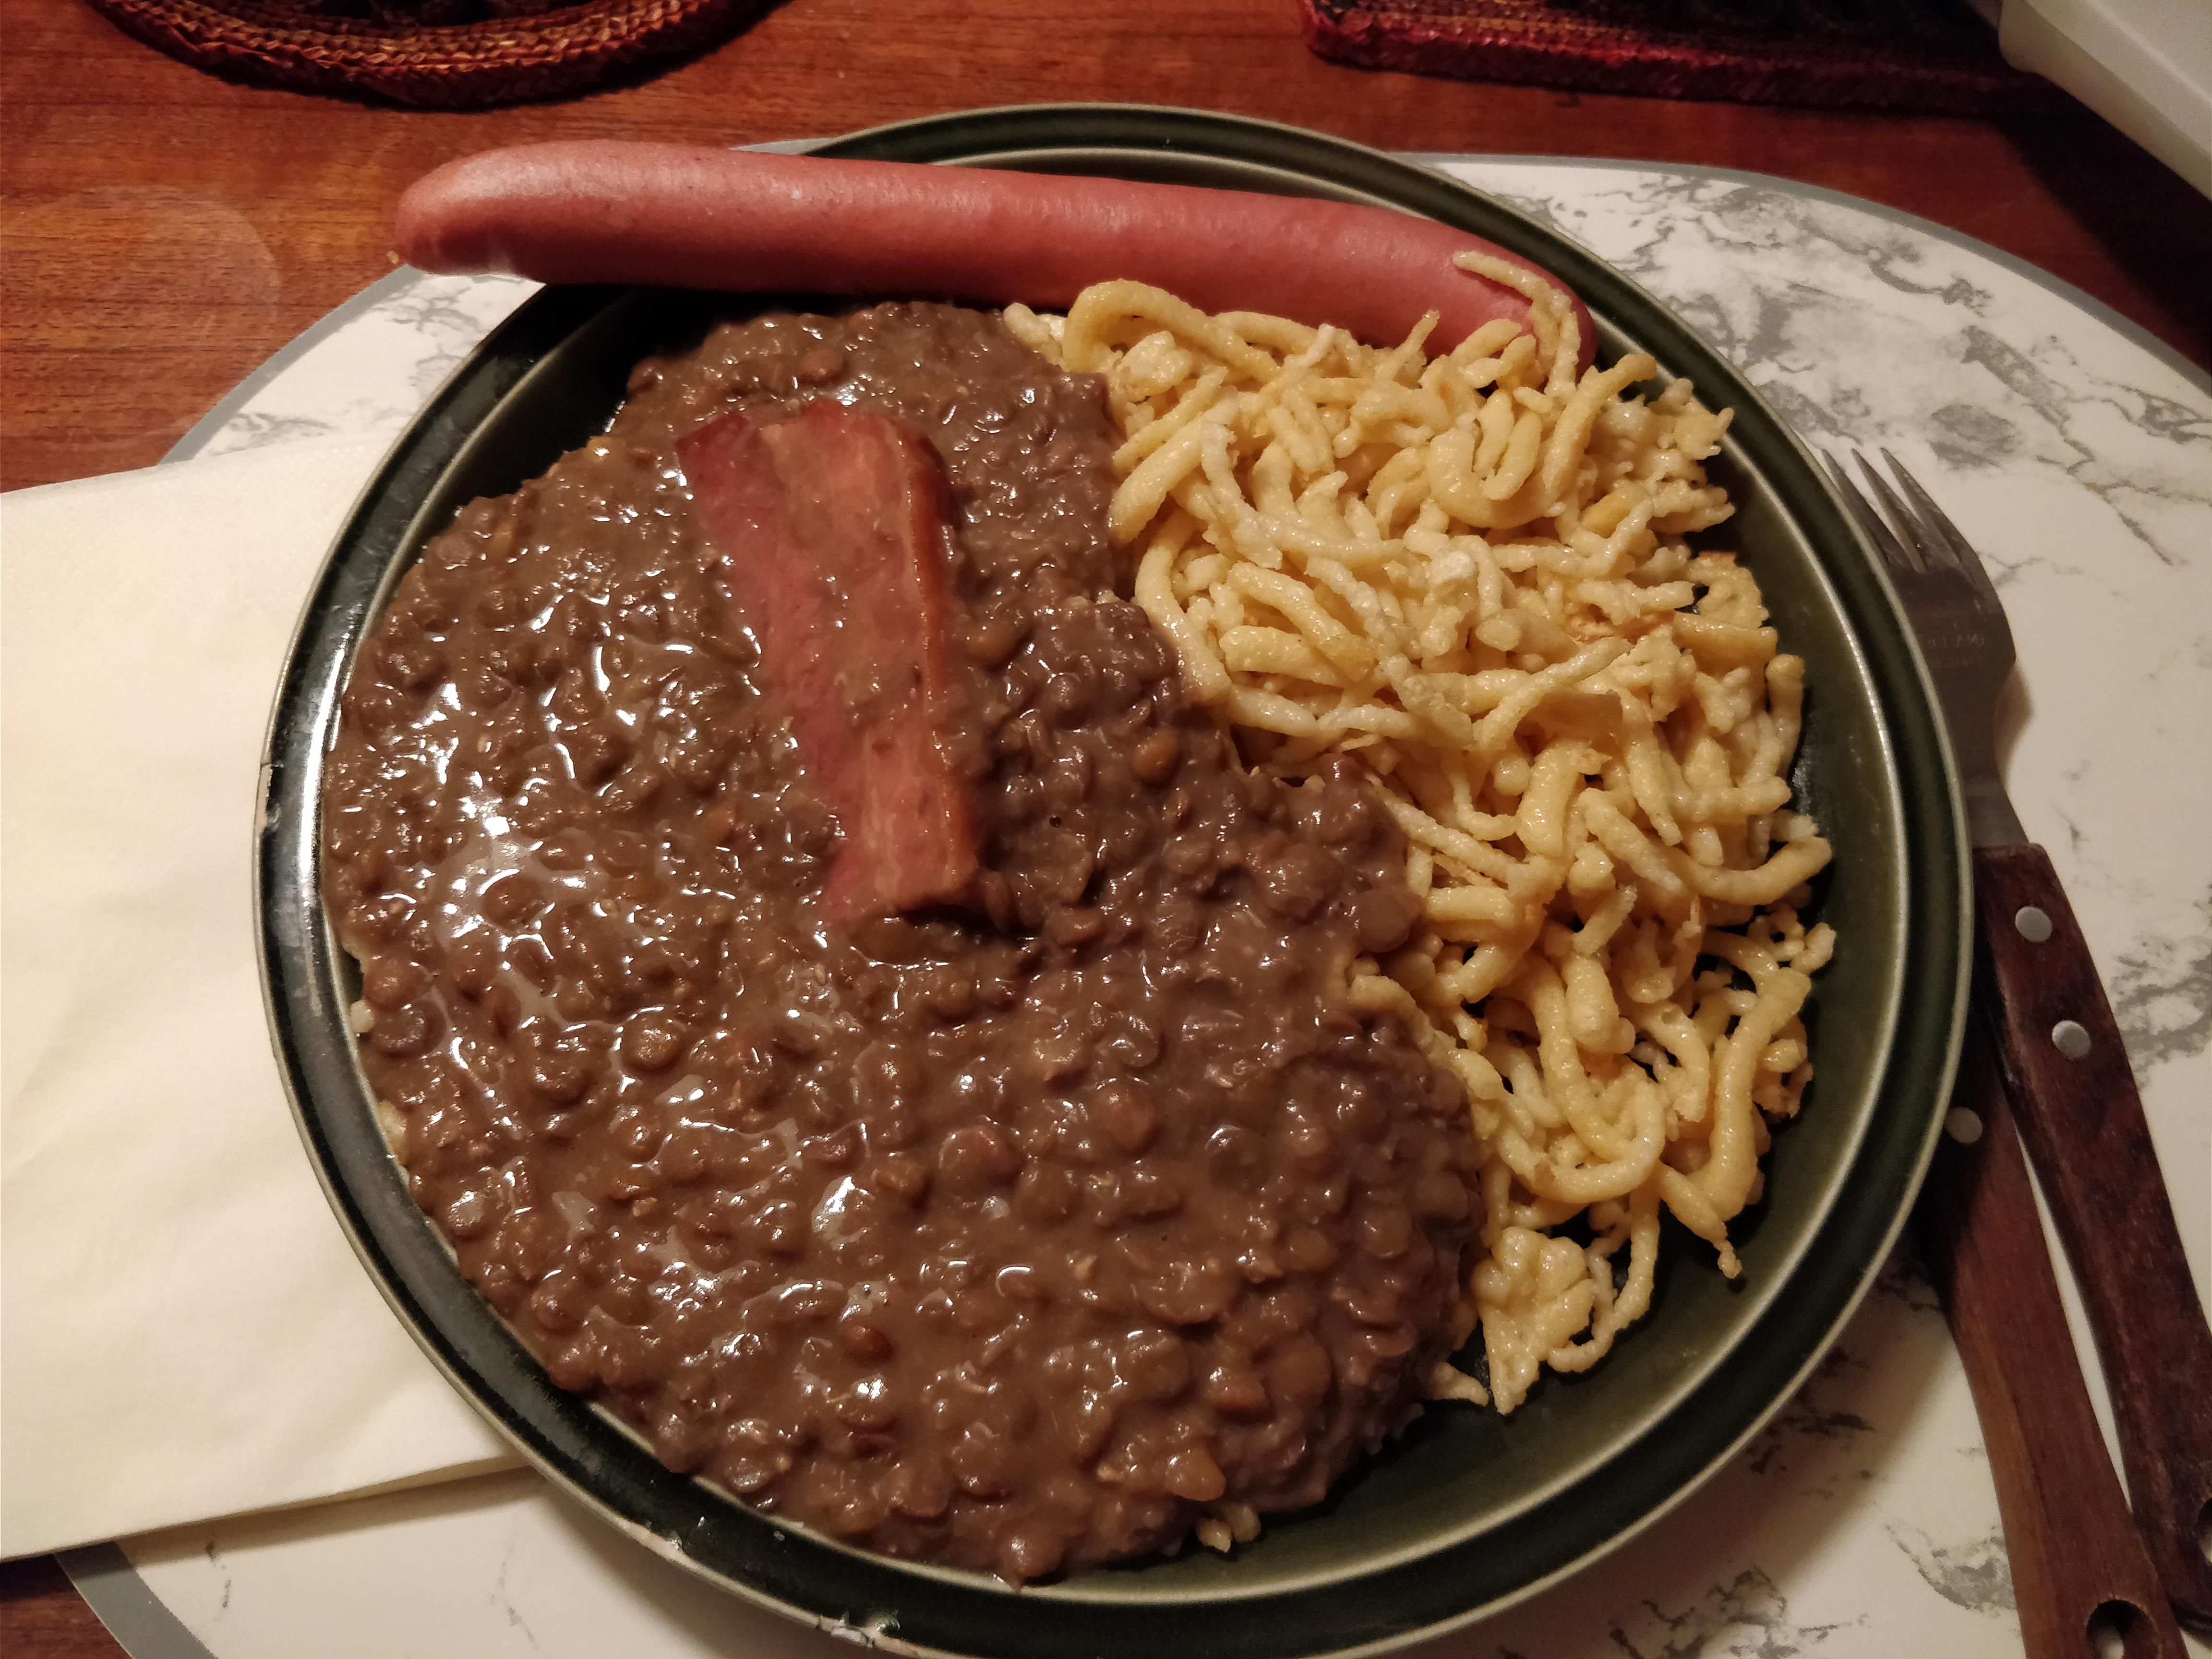 https://foodloader.net/nico_2017-10-25_linsen-und-spaetzle-mit-saitenwurst-und-schweinebauch.jpg